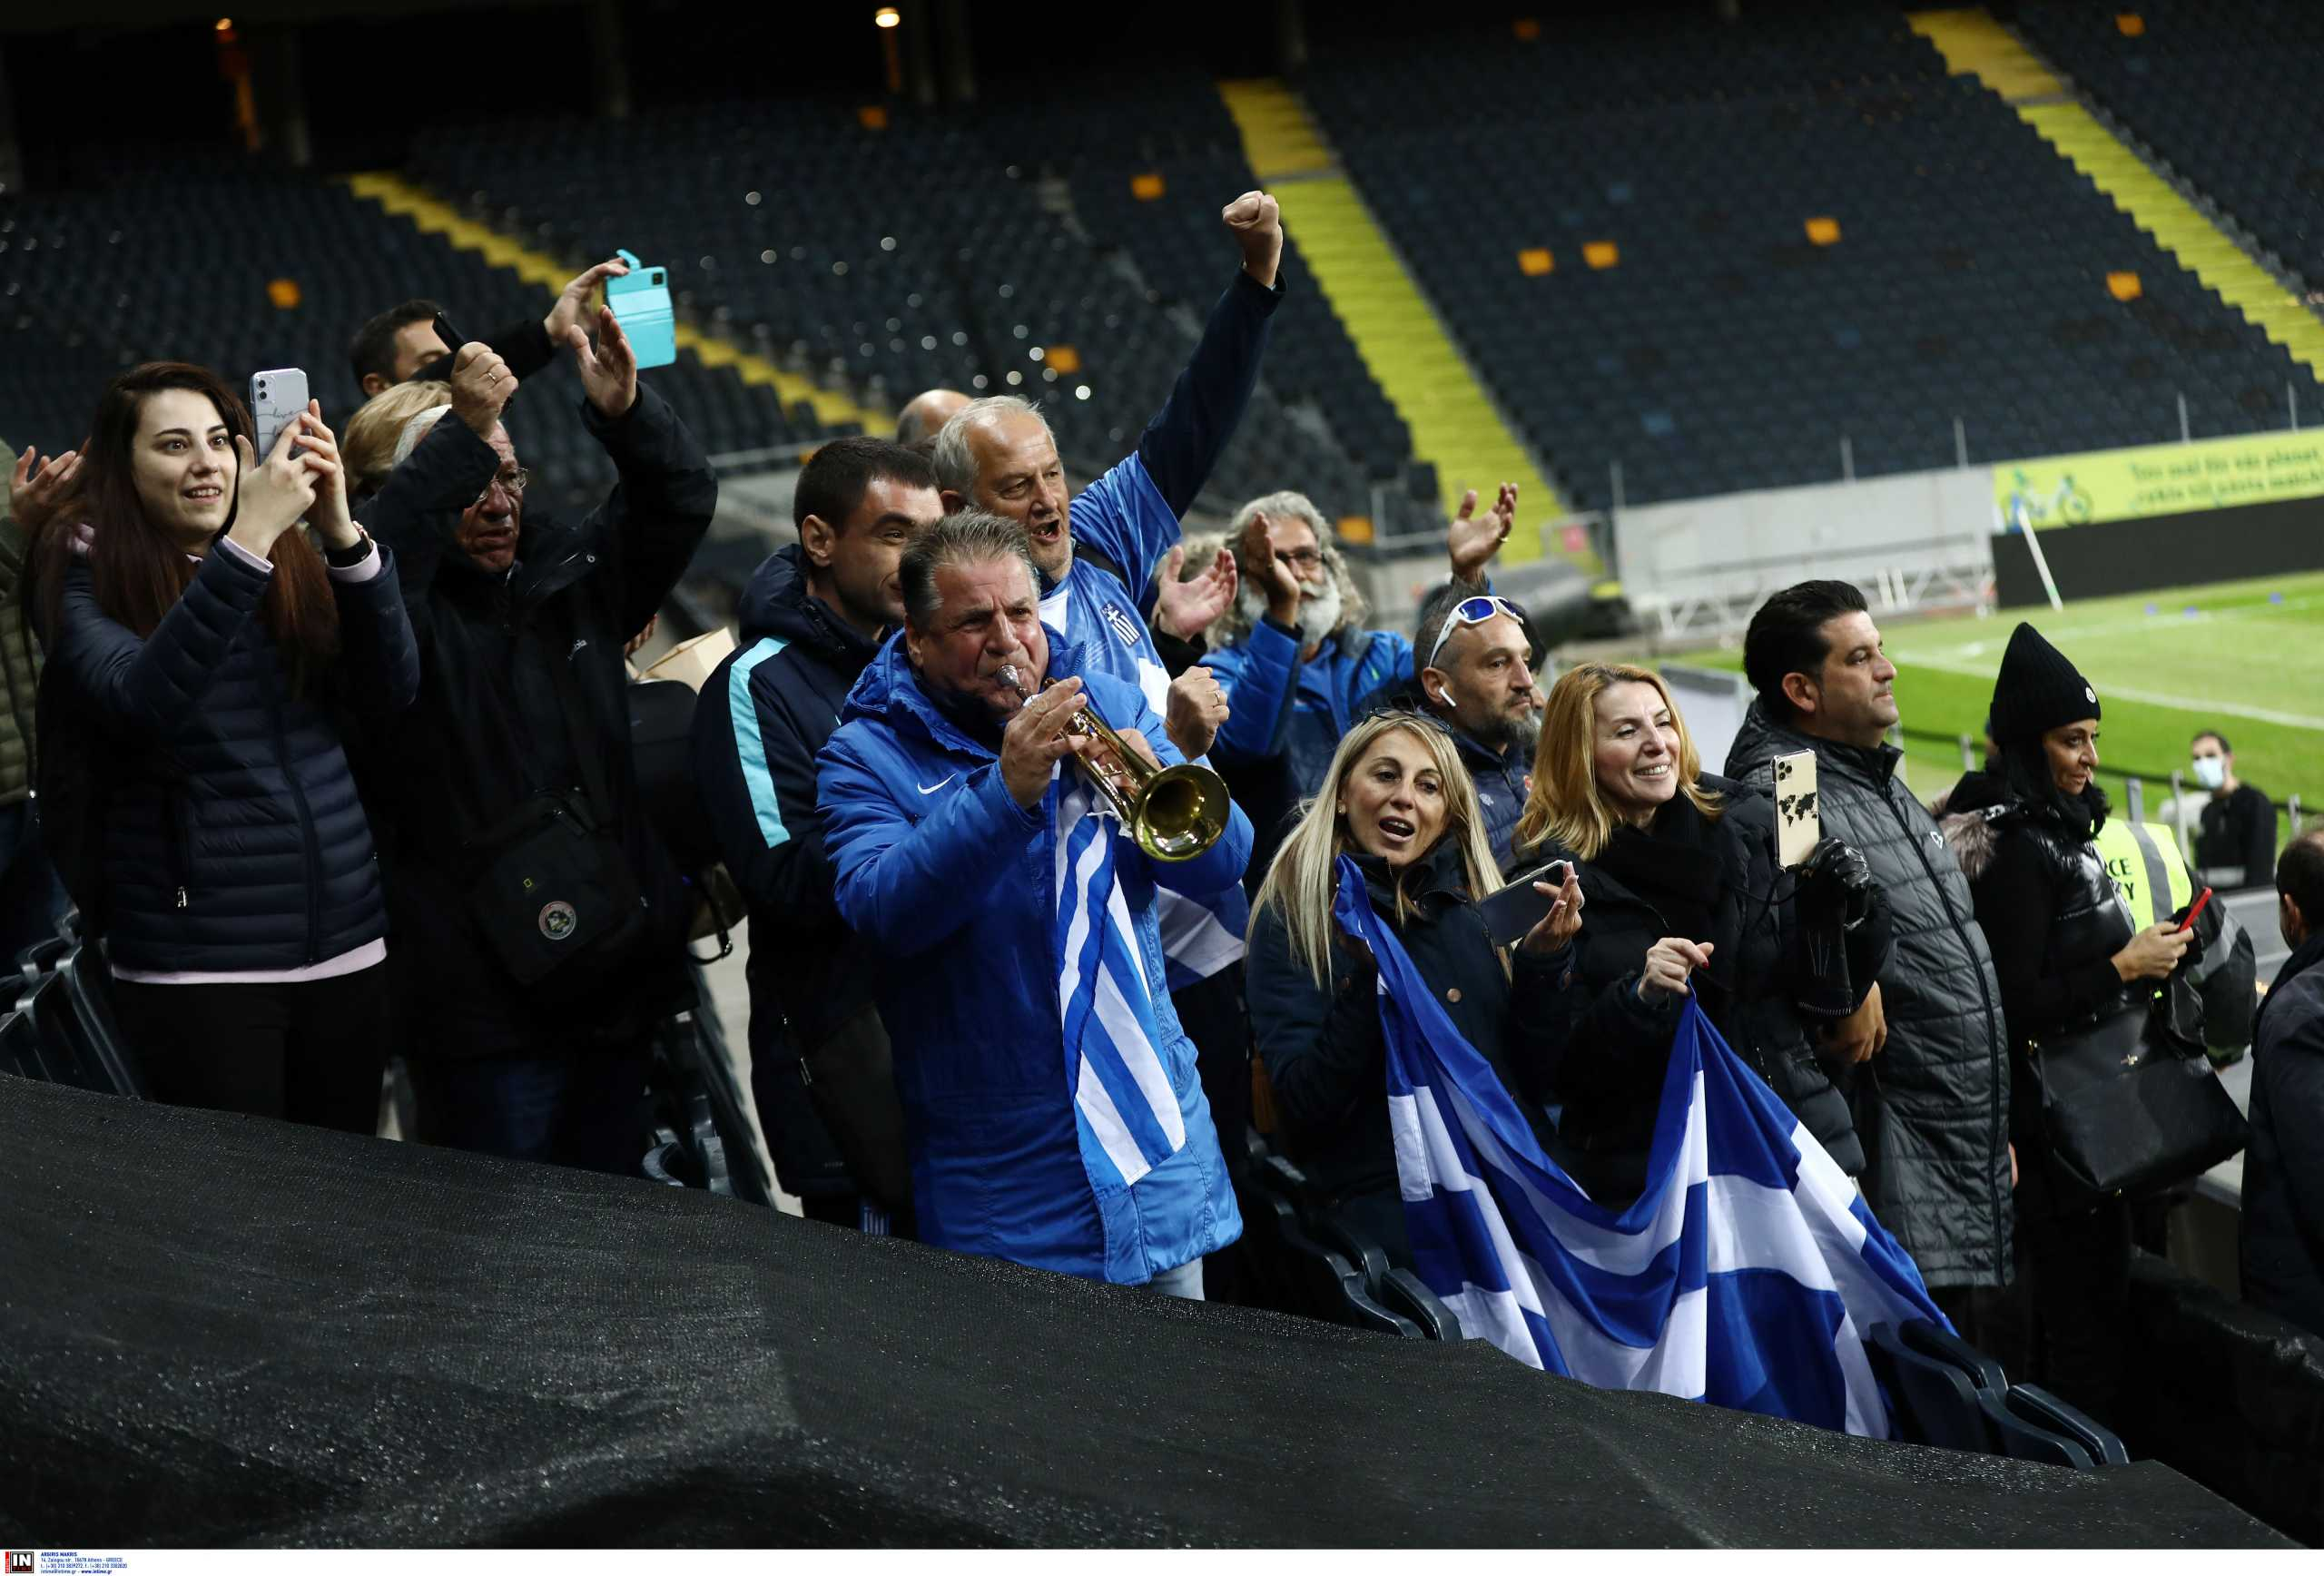 Προκριματικά Μουντιάλ 2022 – Ελλάδα: Πανέτοιμη και με στήριξη για τον «τελικό» στην έδρα της Σουηδίας